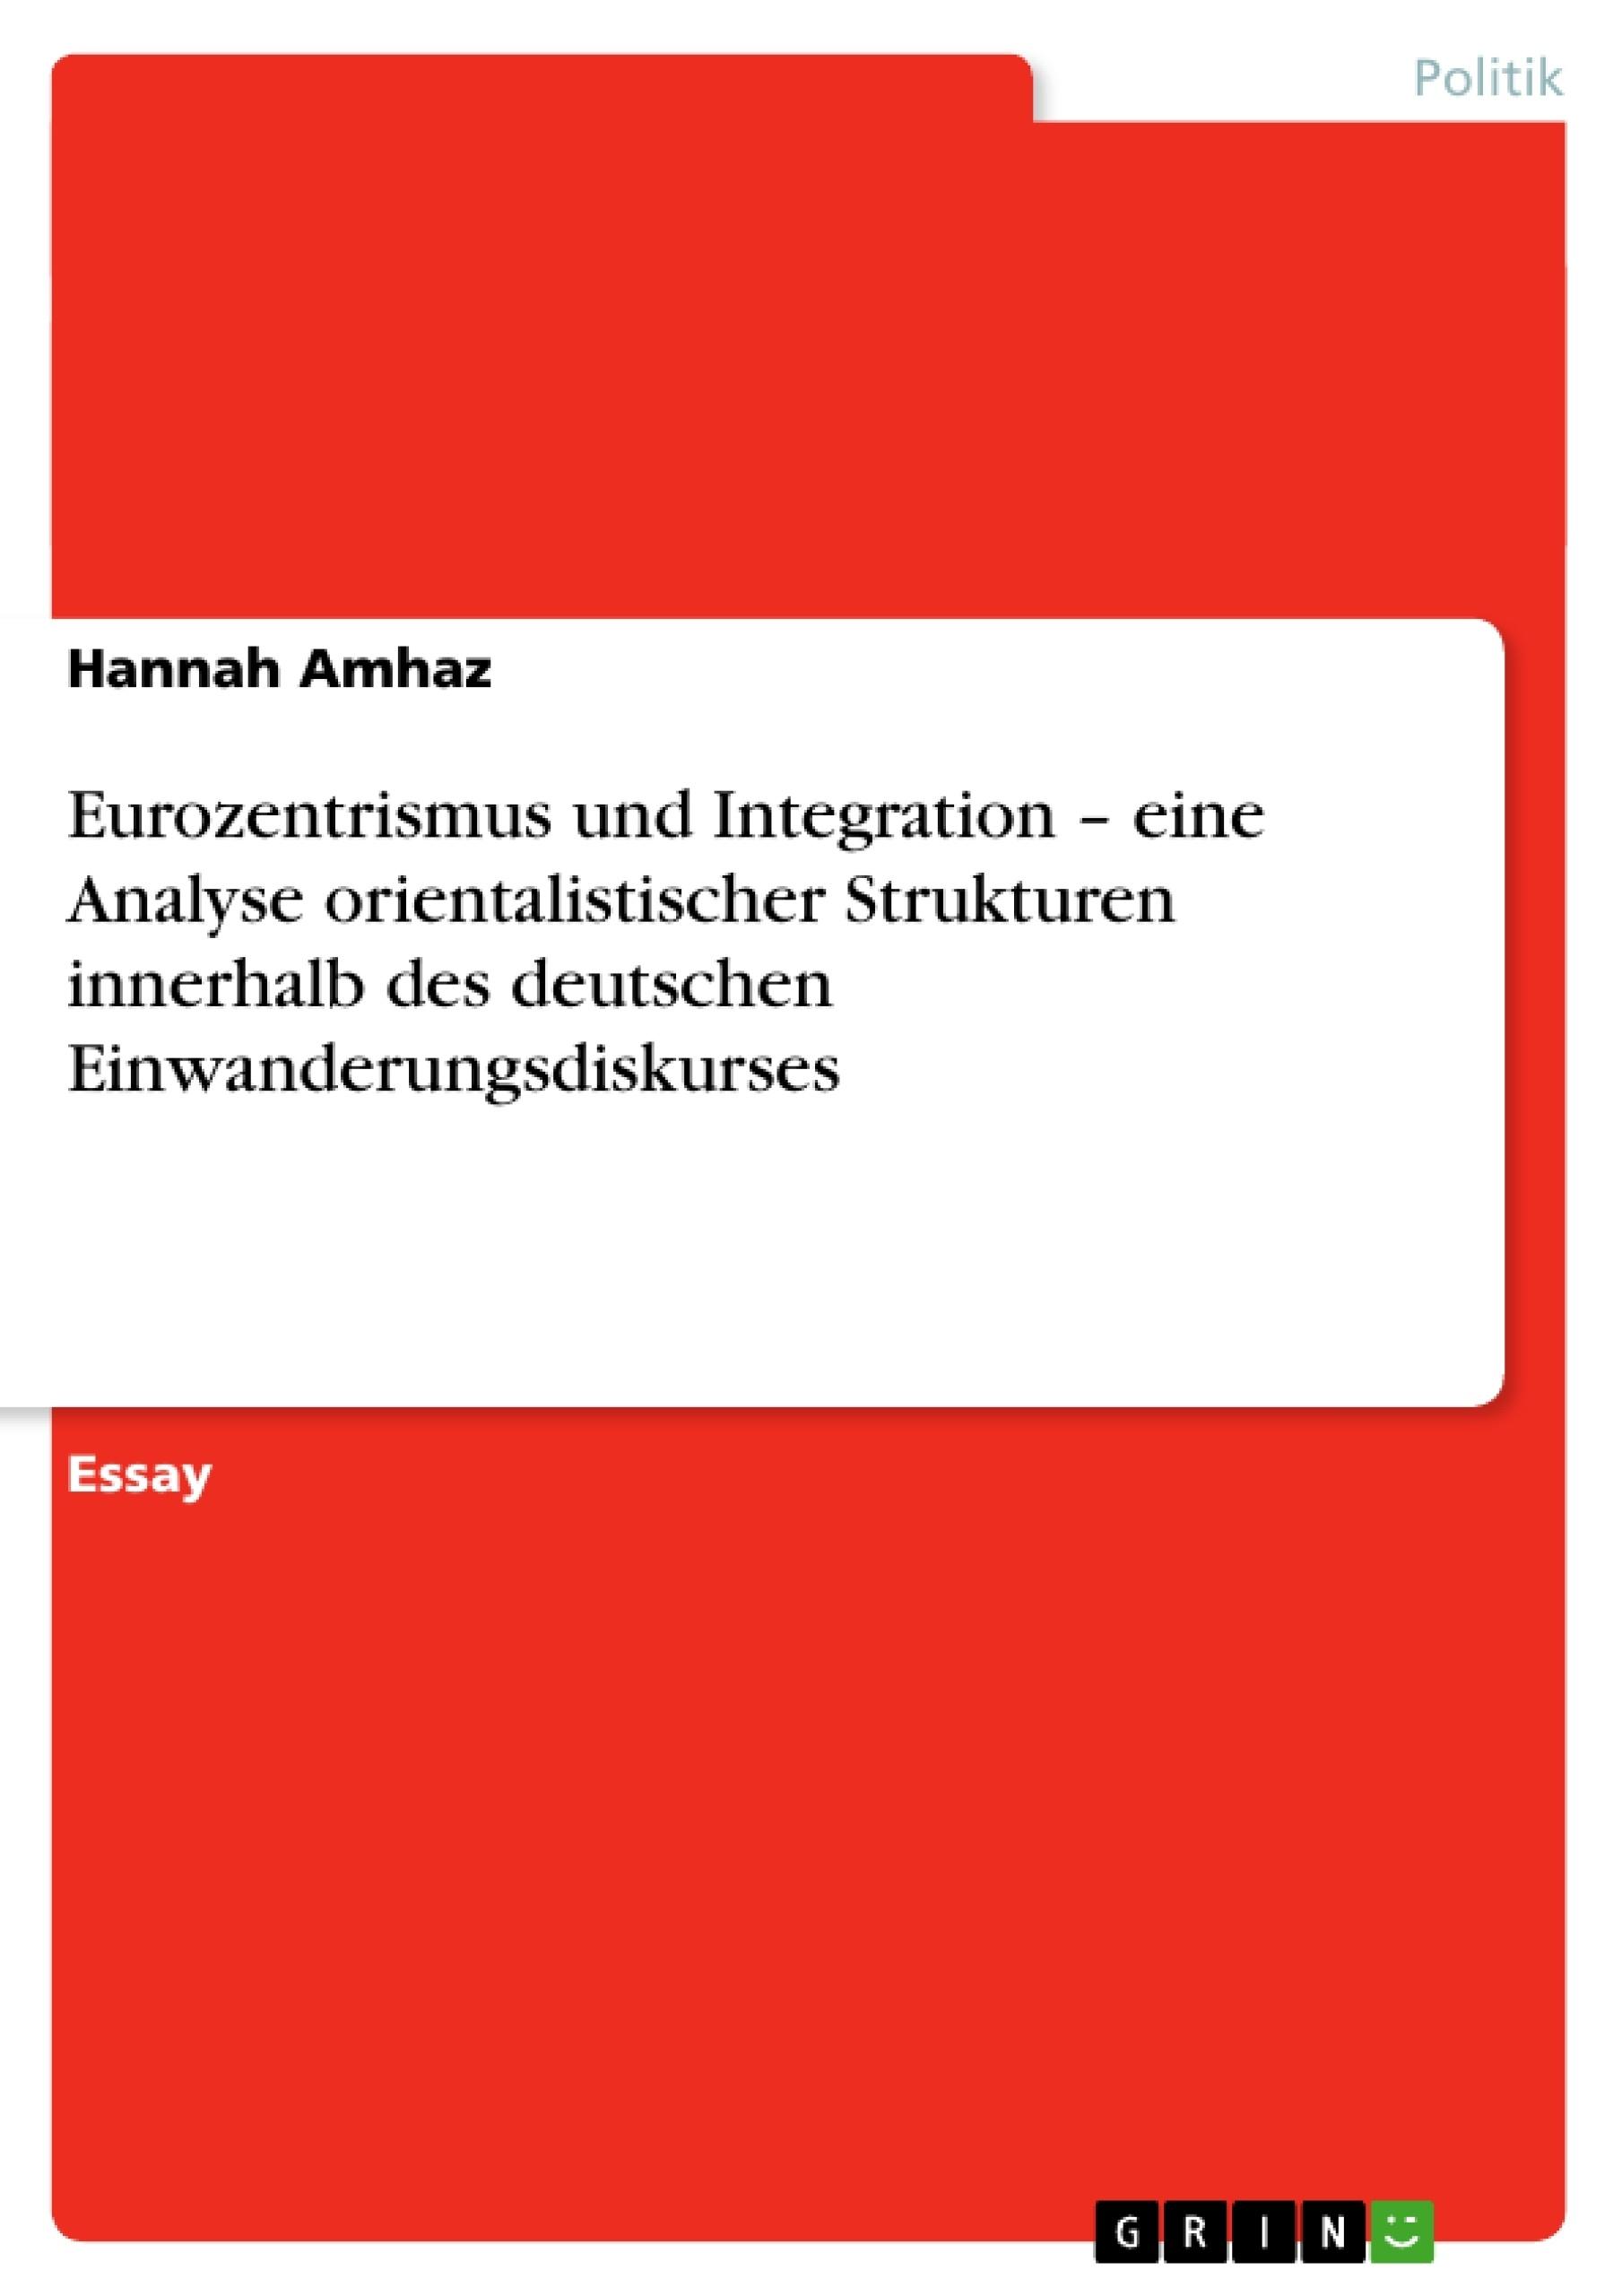 Titel: Eurozentrismus und Integration – eine Analyse orientalistischer Strukturen innerhalb des deutschen Einwanderungsdiskurses